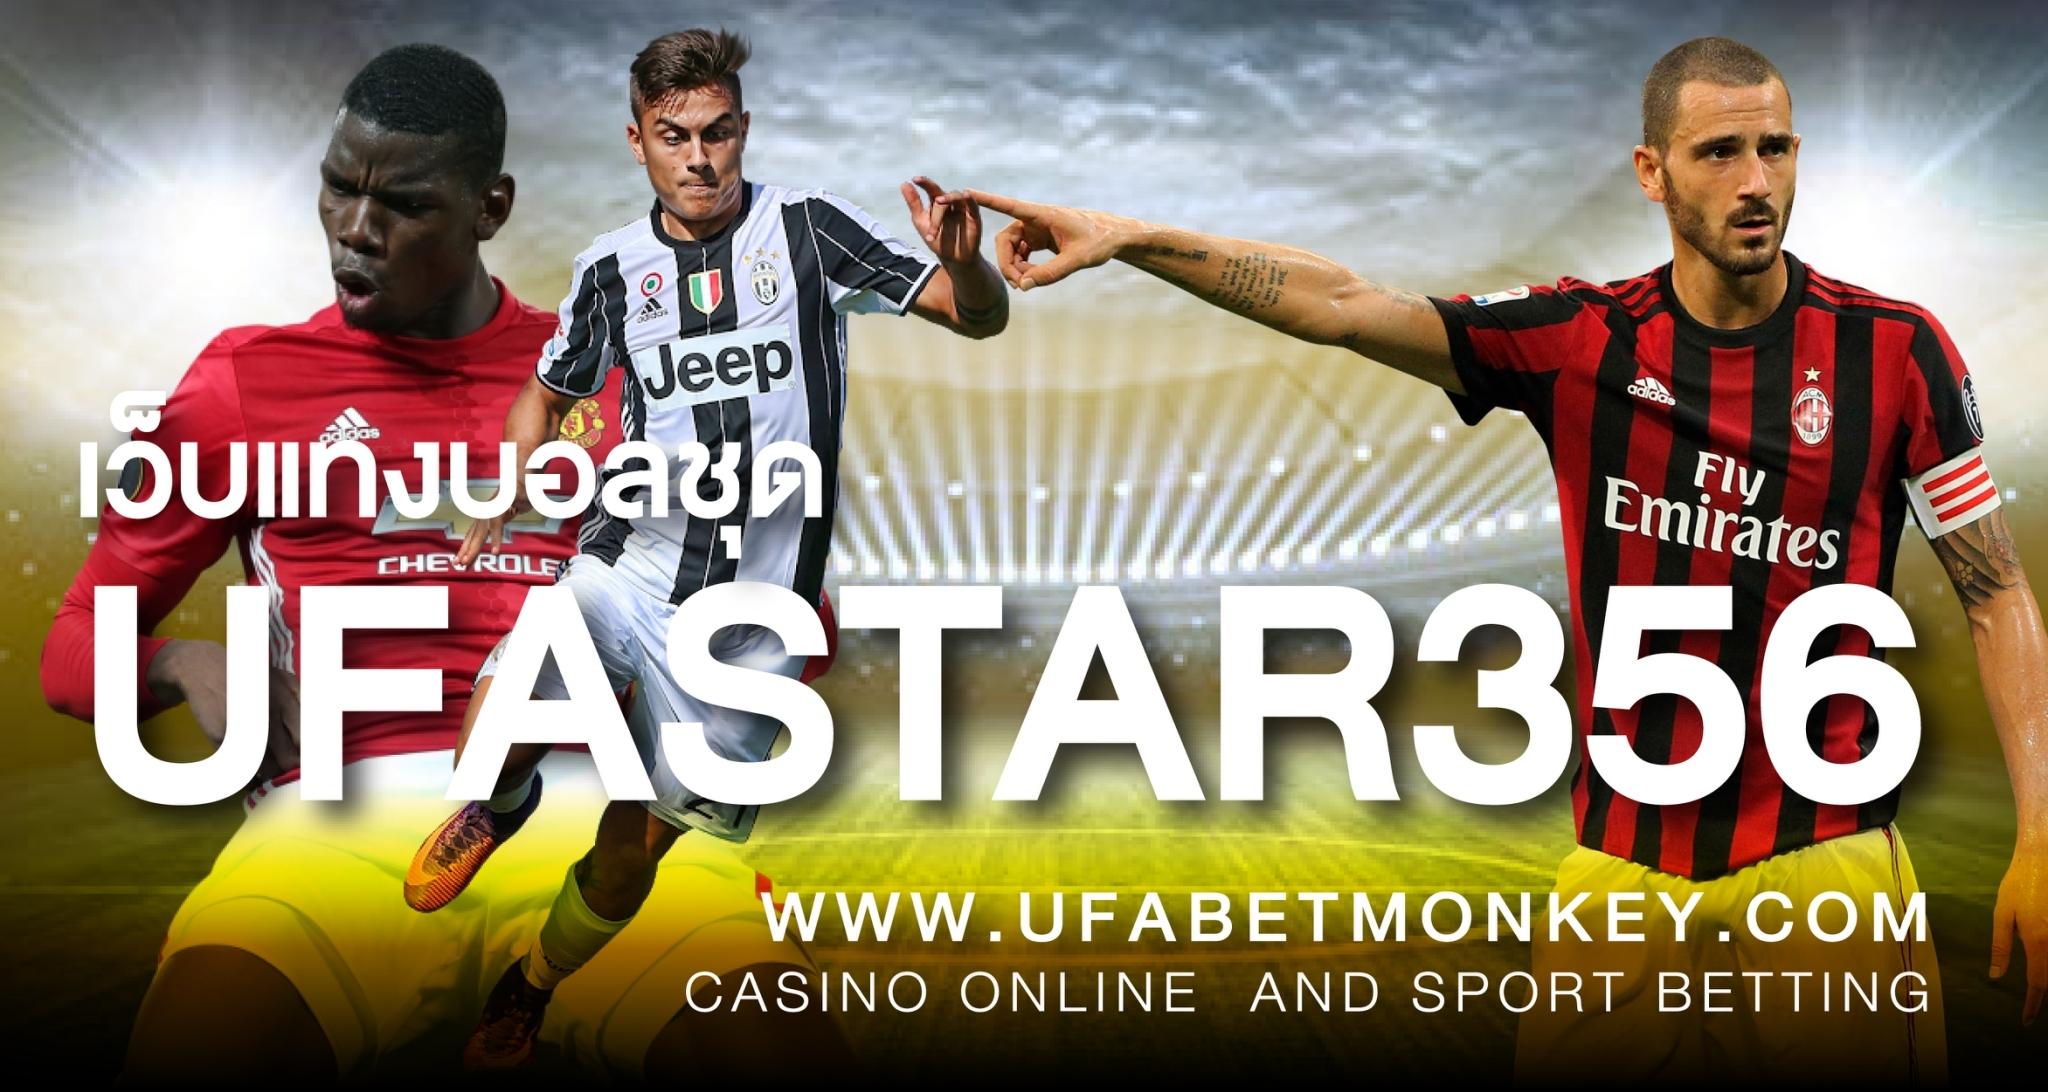 เว็บแทงบอลชุด UFASTAR356